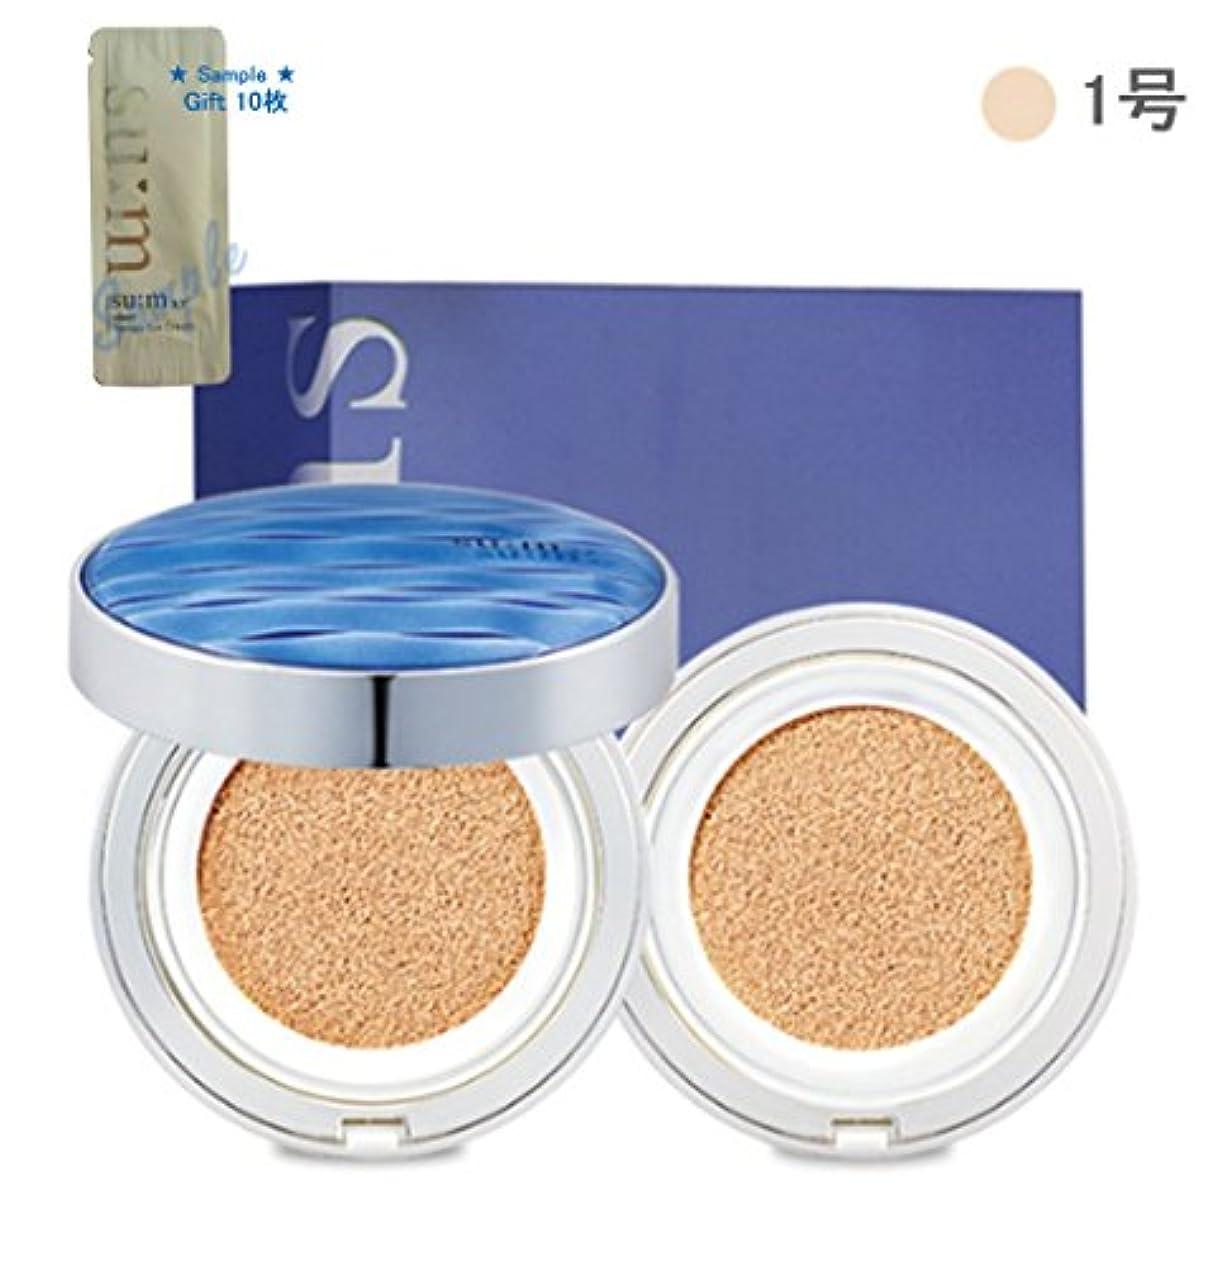 キャプチャーアジャ札入れ[su:m37/スム37°]Water Full CC Cushion Perfect finish No. 1 (SPF50+/ PA+++) / 水プールCCクッションパーフェクトフィニッシュ1号 +[Sample Gift](海外直送品)